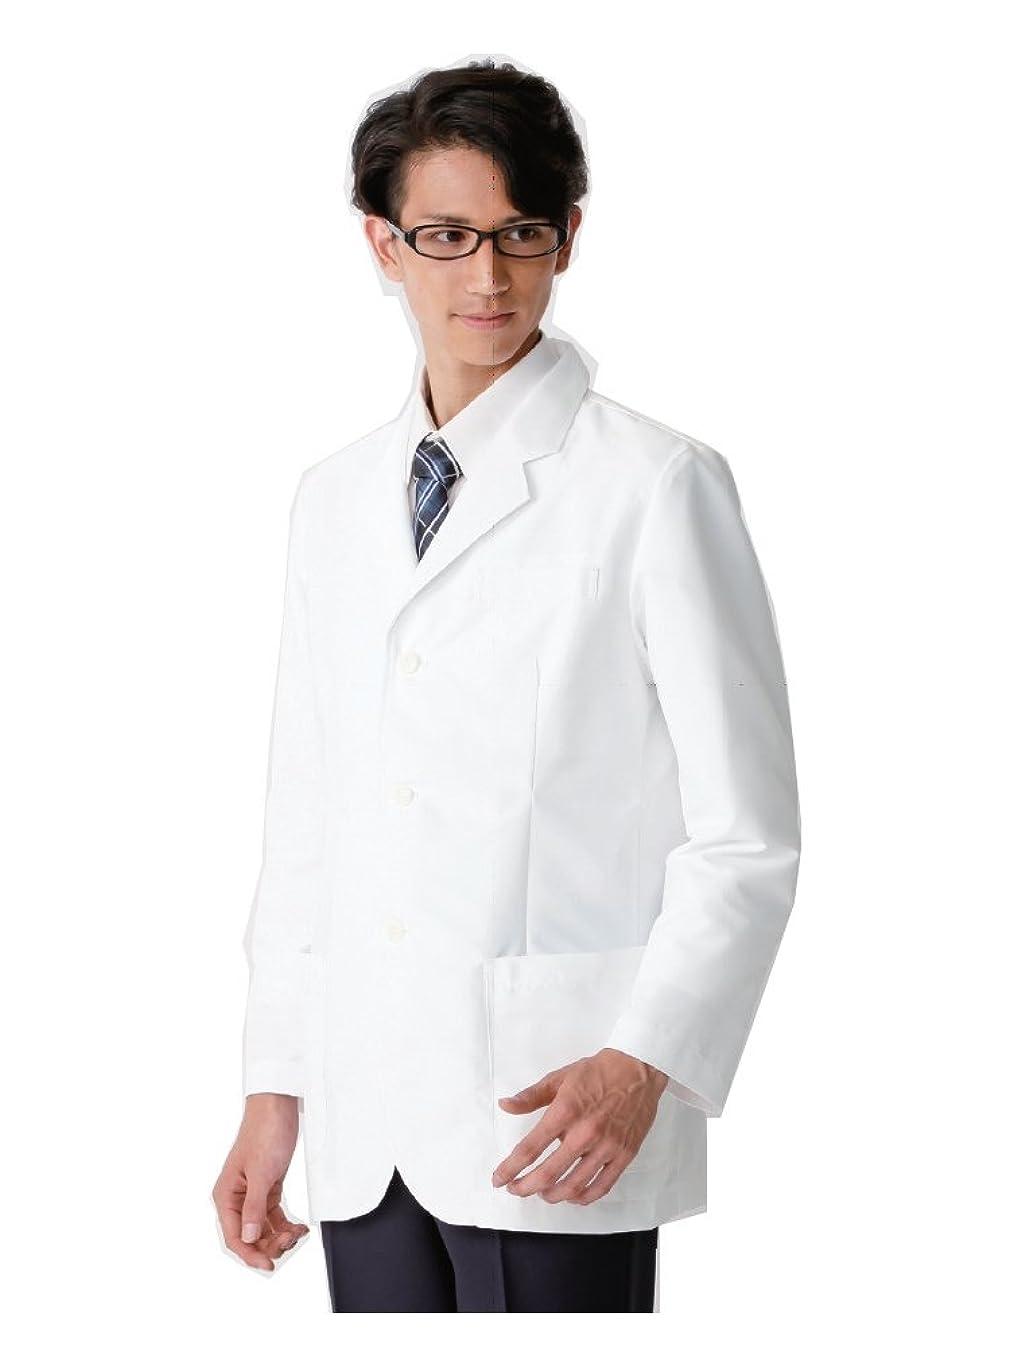 昆虫を見る共感する地震(カゼン) KAZEN AP-RON アプロン メンズハーフコート 診察衣 ドクターウェア 116-90